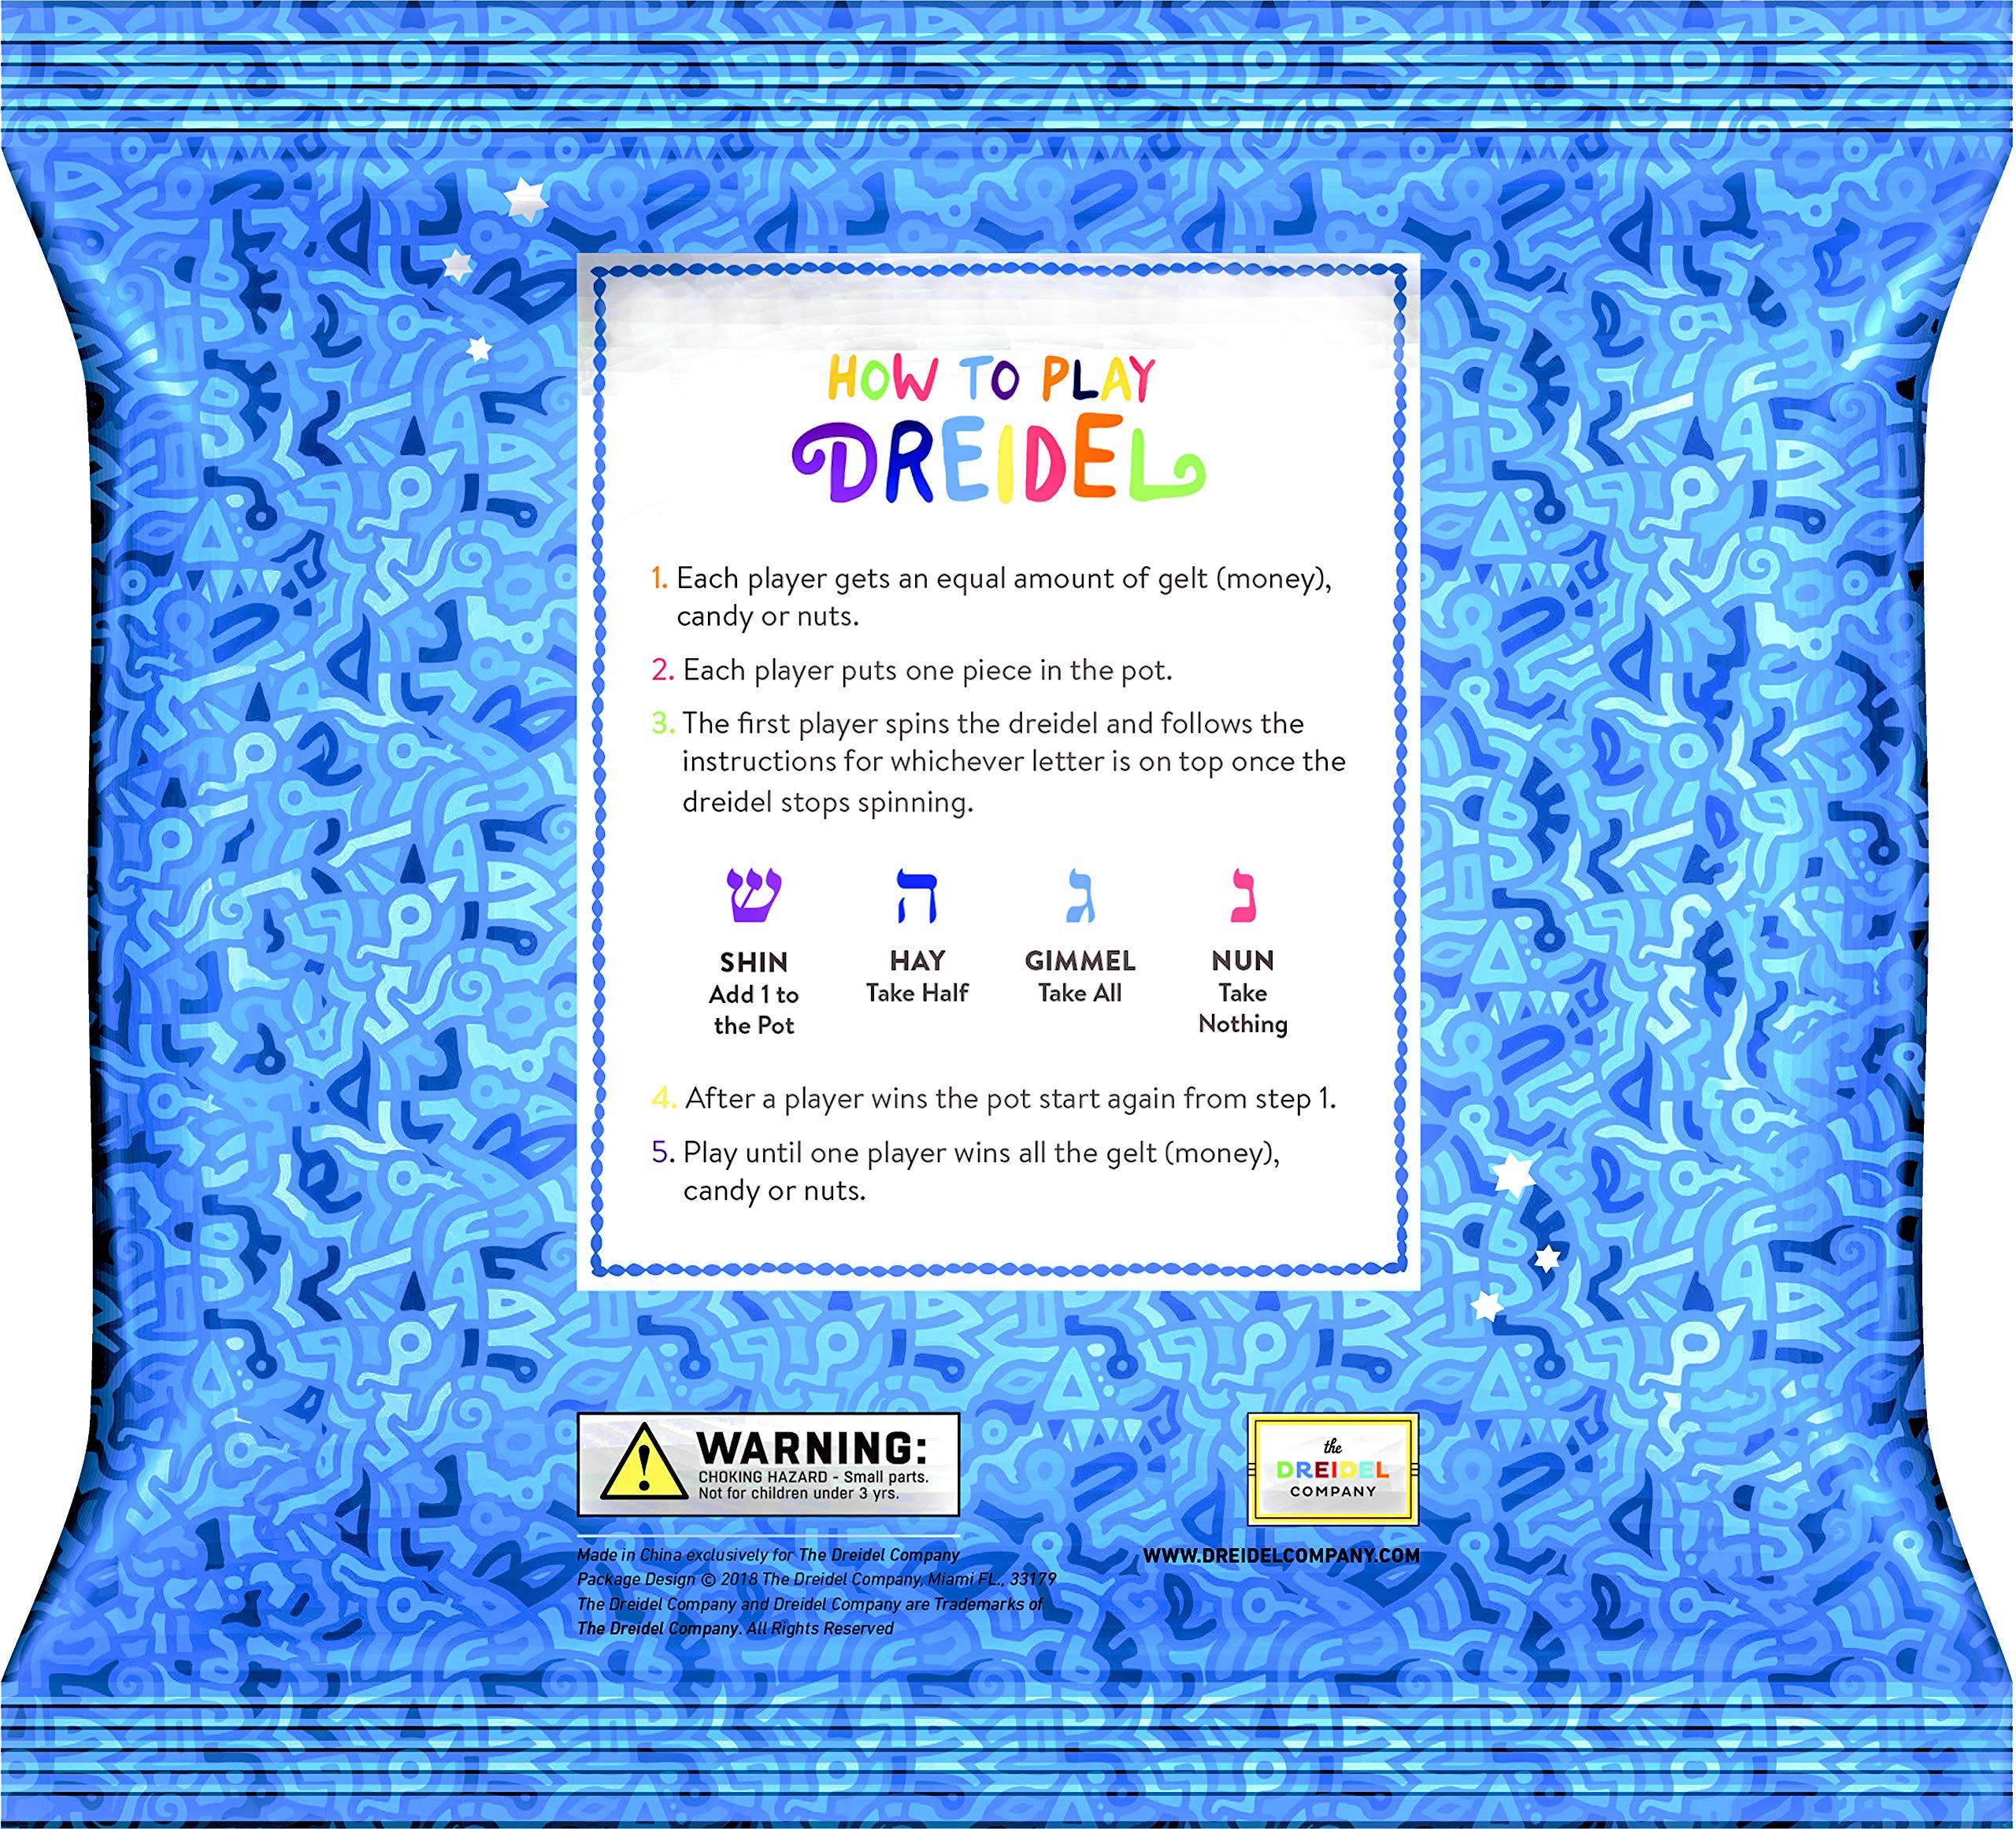 Hanukkah Dreidel Extra Large Wooden Dreidels Hand Painted - Includes Game Instruction Cards! (10-Pack XL Dreidels) by The Dreidel Company (Image #4)